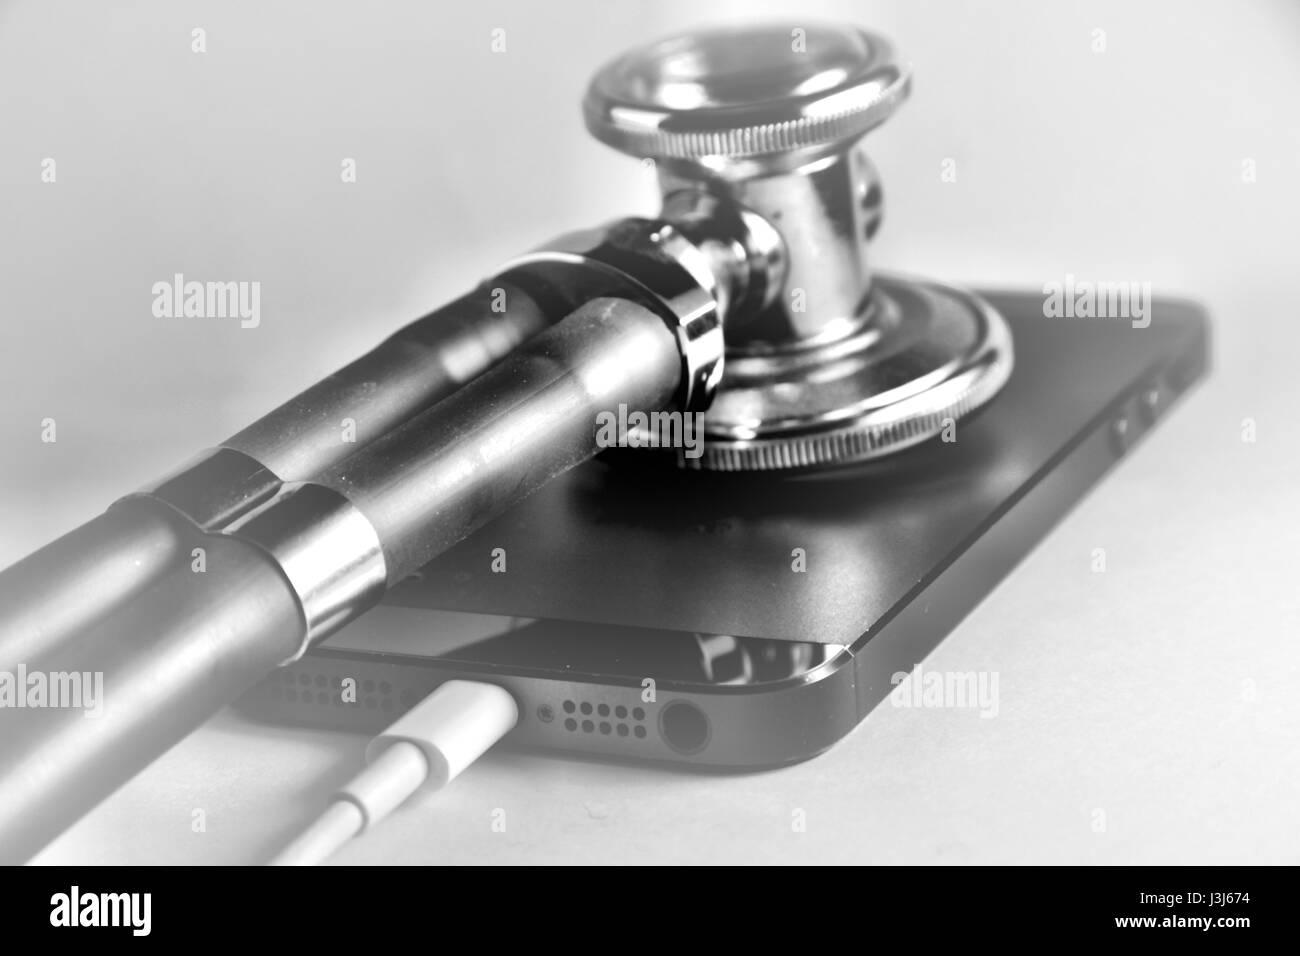 iPhone Repair - Stock Image